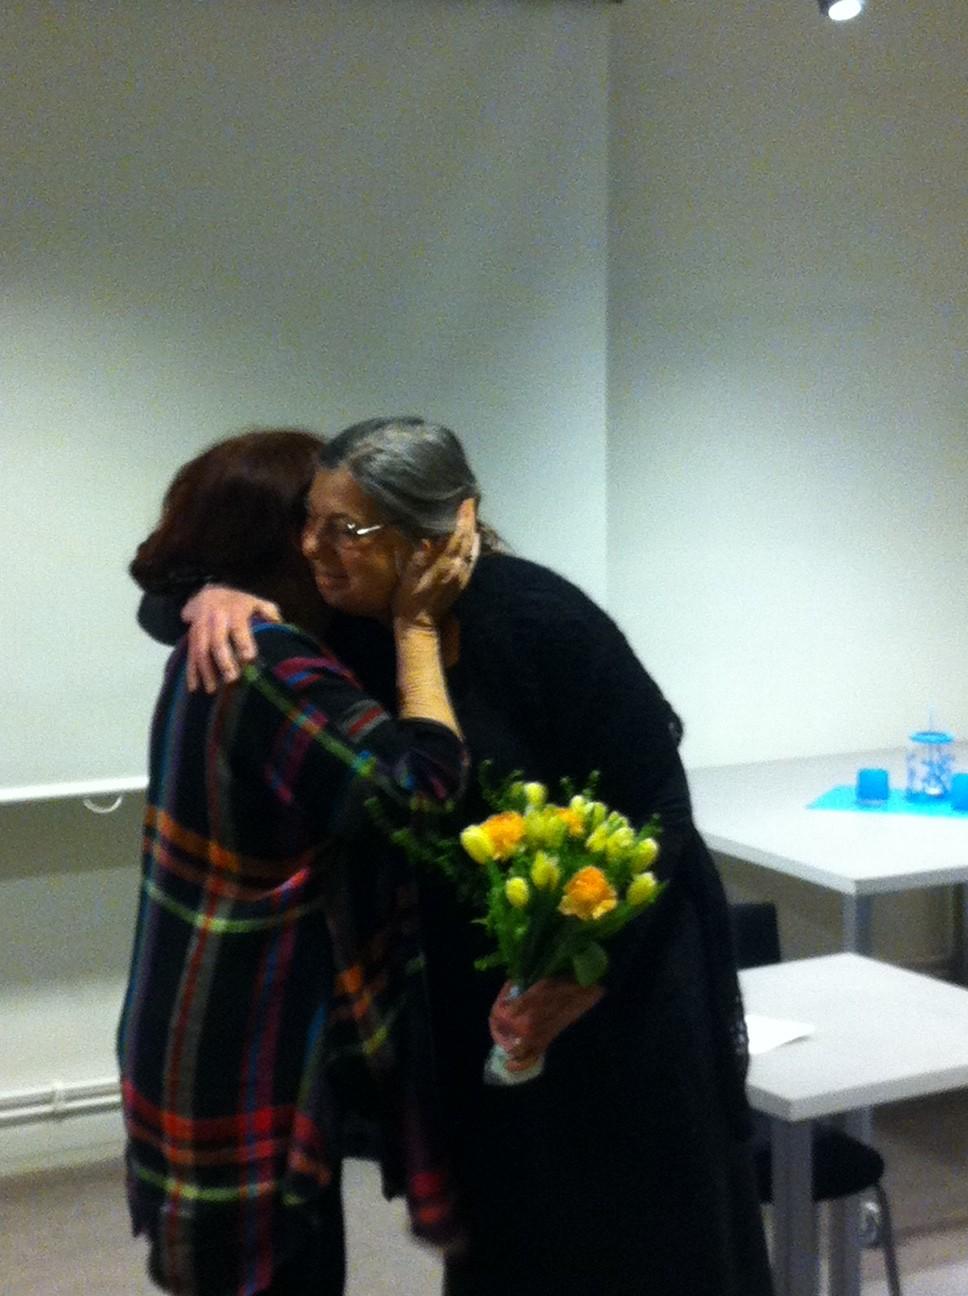 2013 års Gulliverpristagare gratuleras av IBBY Sveriges ordförande Ulla Forsén.